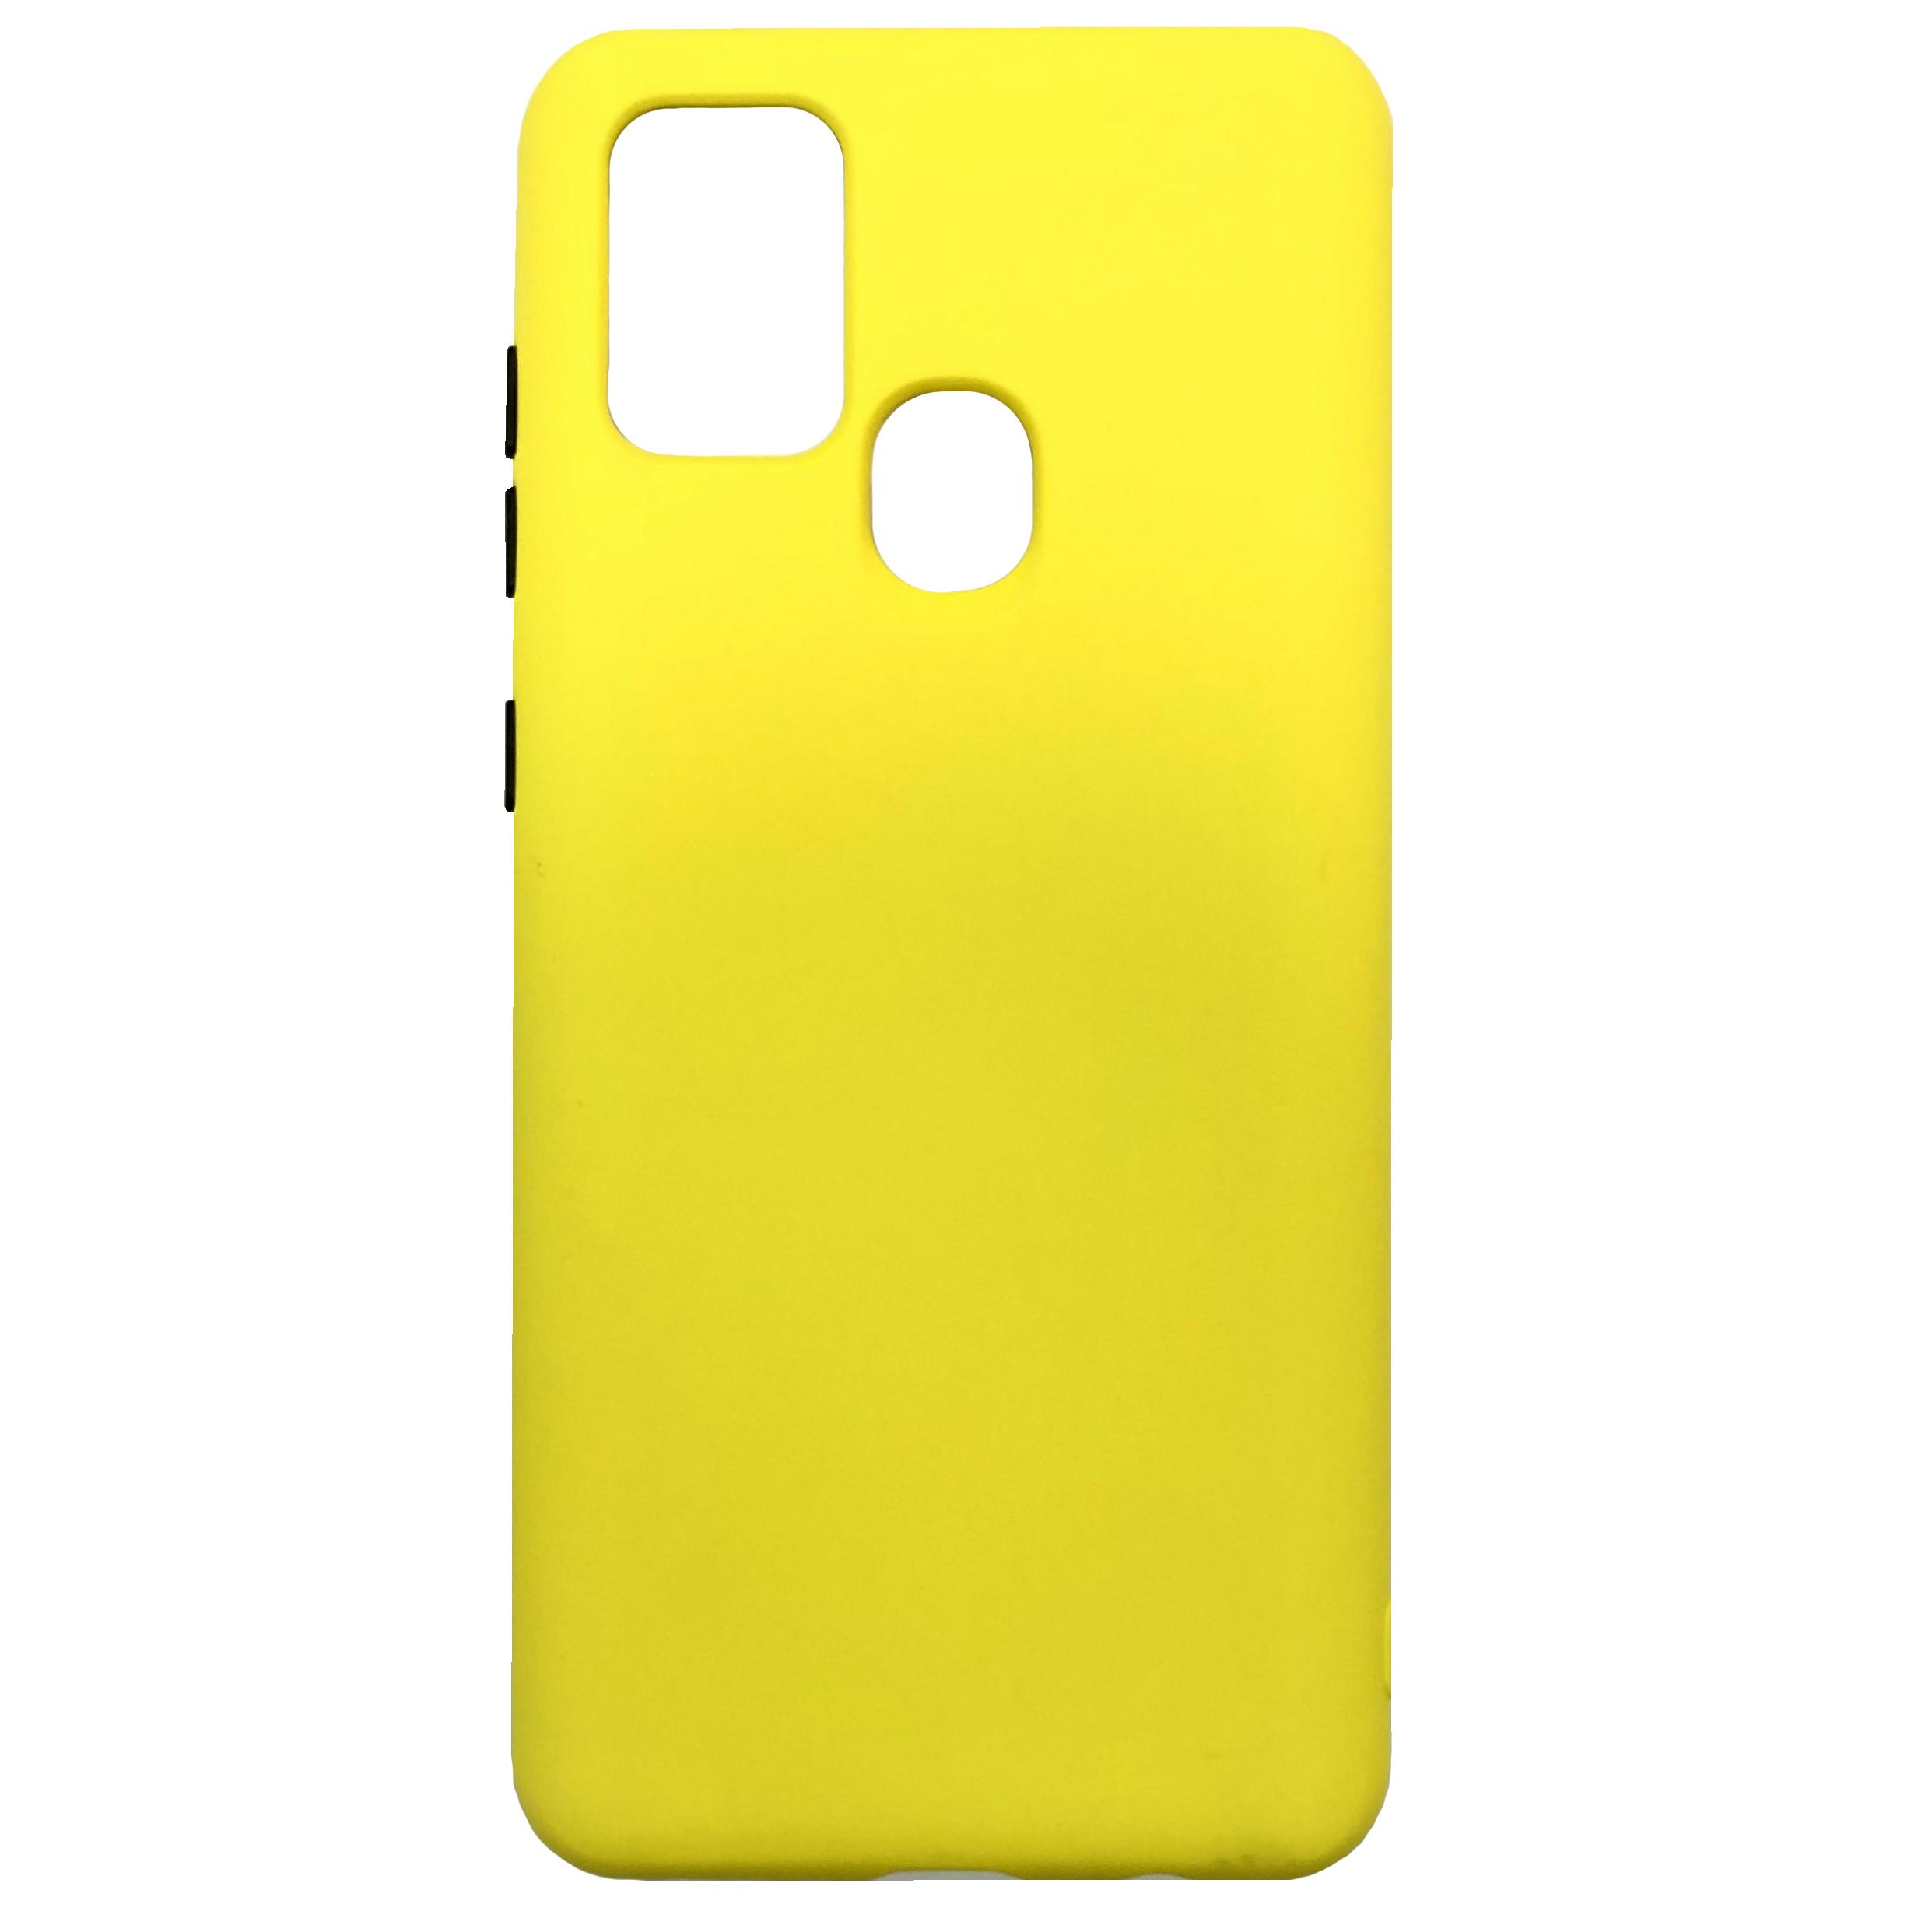 کاور مدل DC-001 مناسب برای گوشی موبایل سامسونگ Galaxy A21s